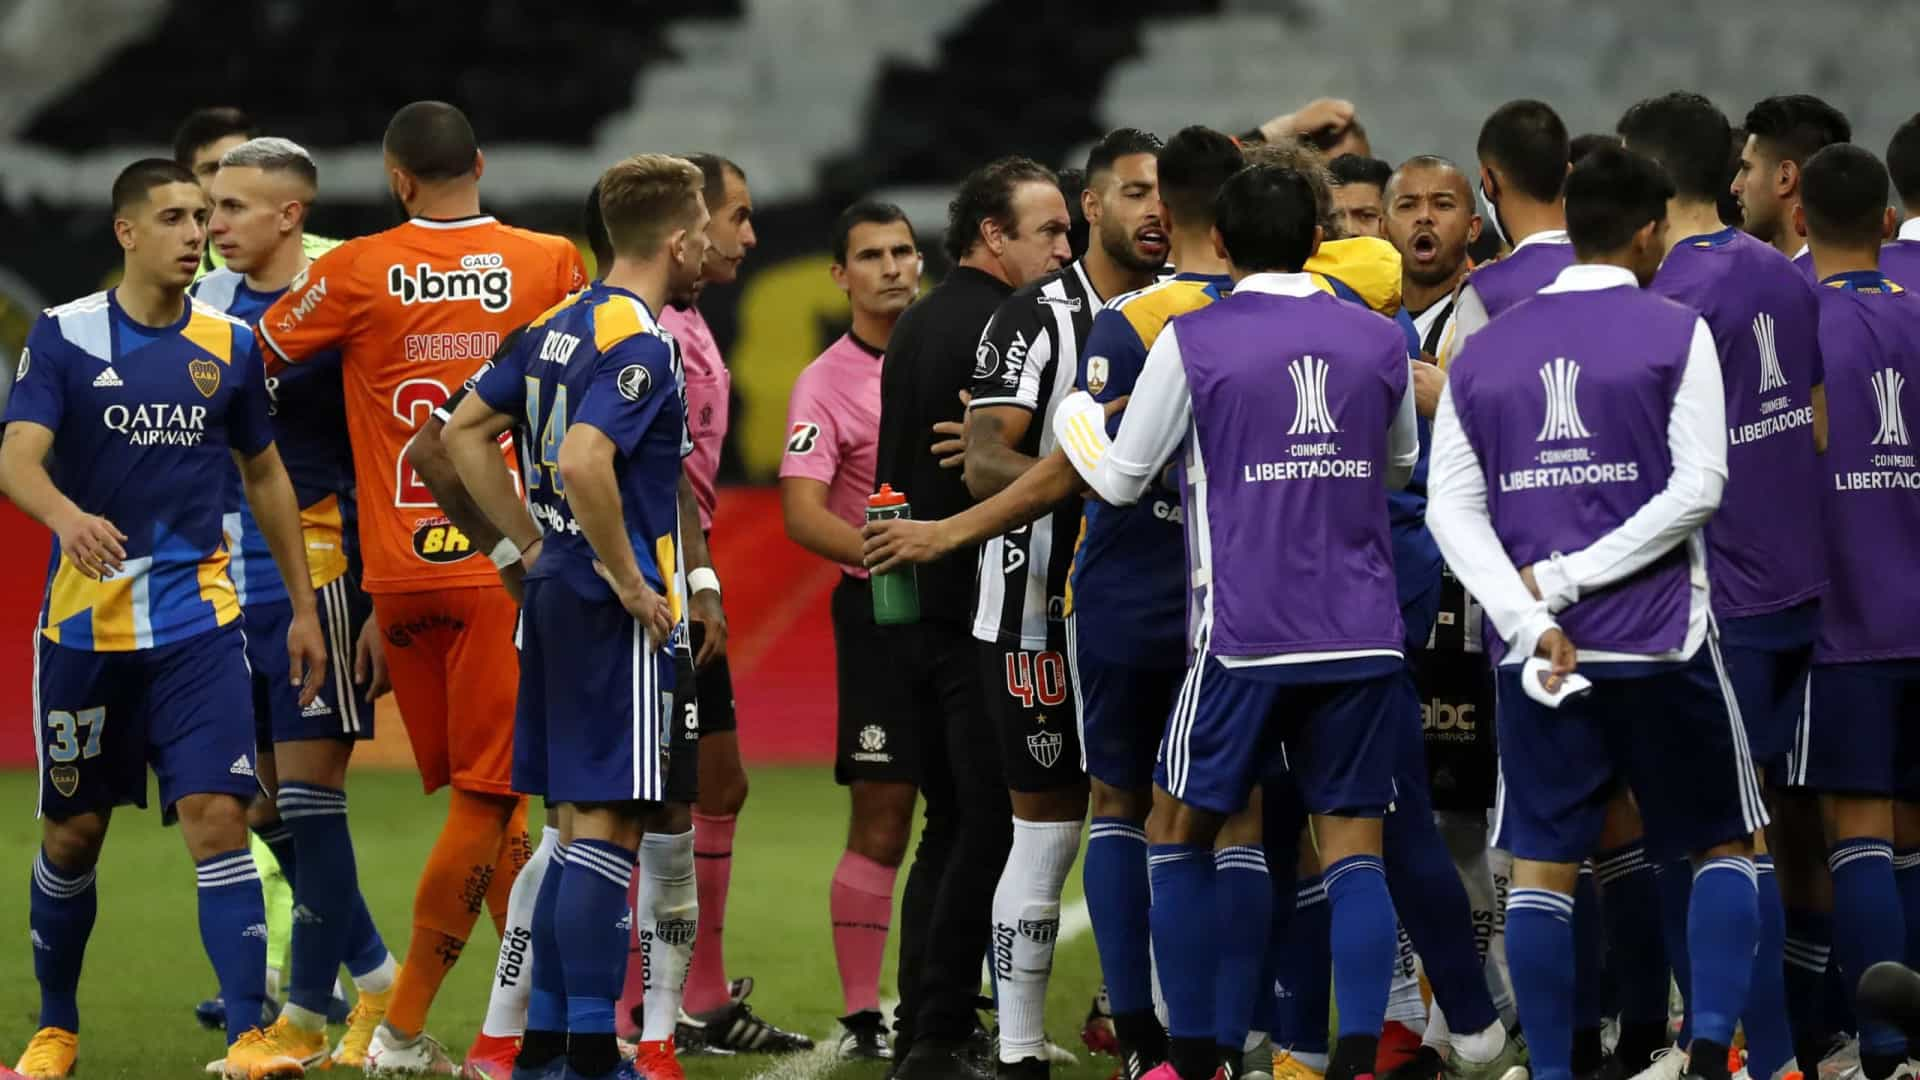 Após eliminação, jogadores do Boca entram em confronto nos vestiários do Mineirão